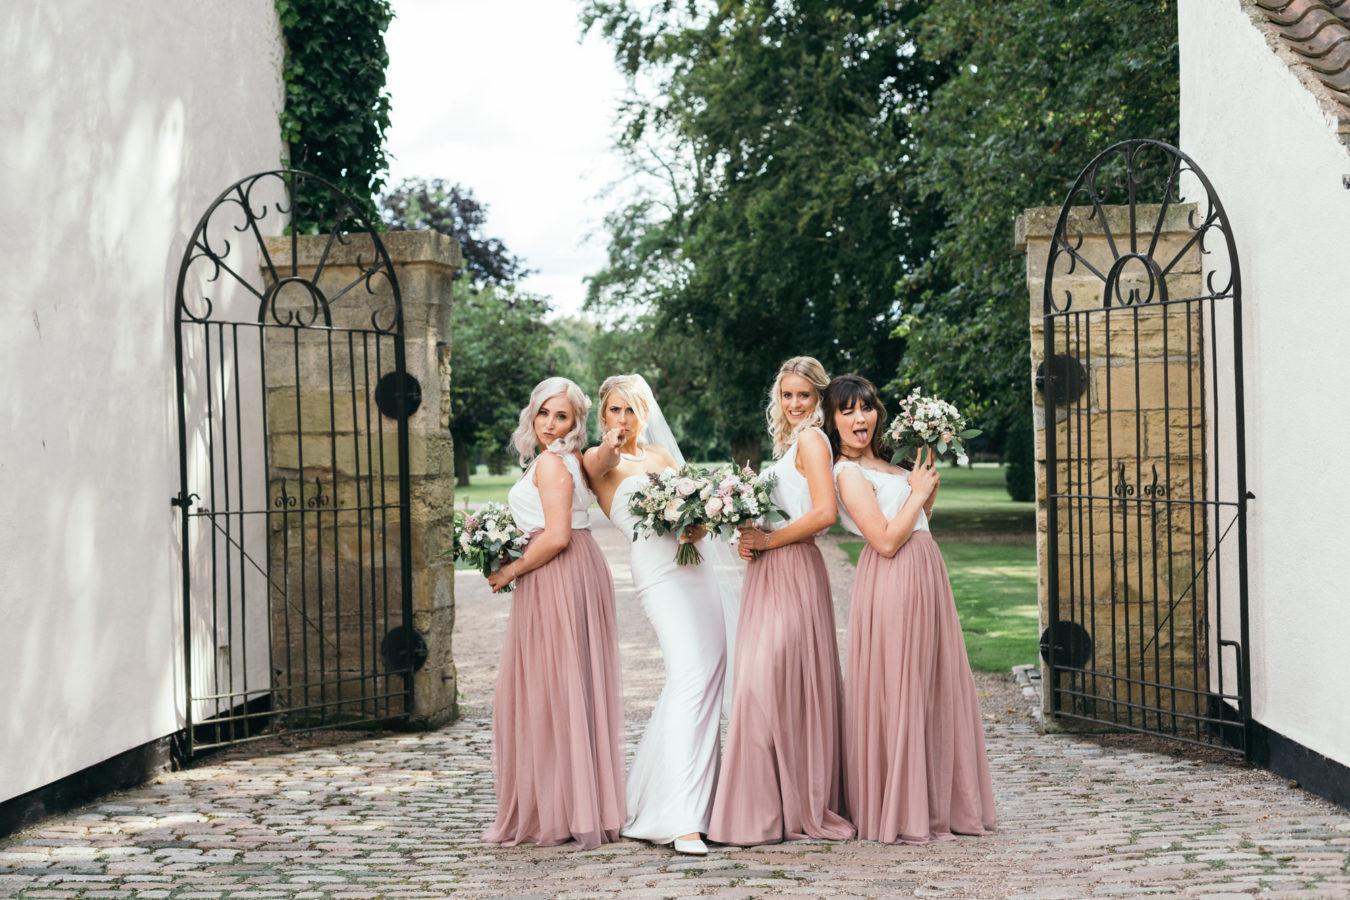 Goldsborough wedding photographer Amanda Manby photography